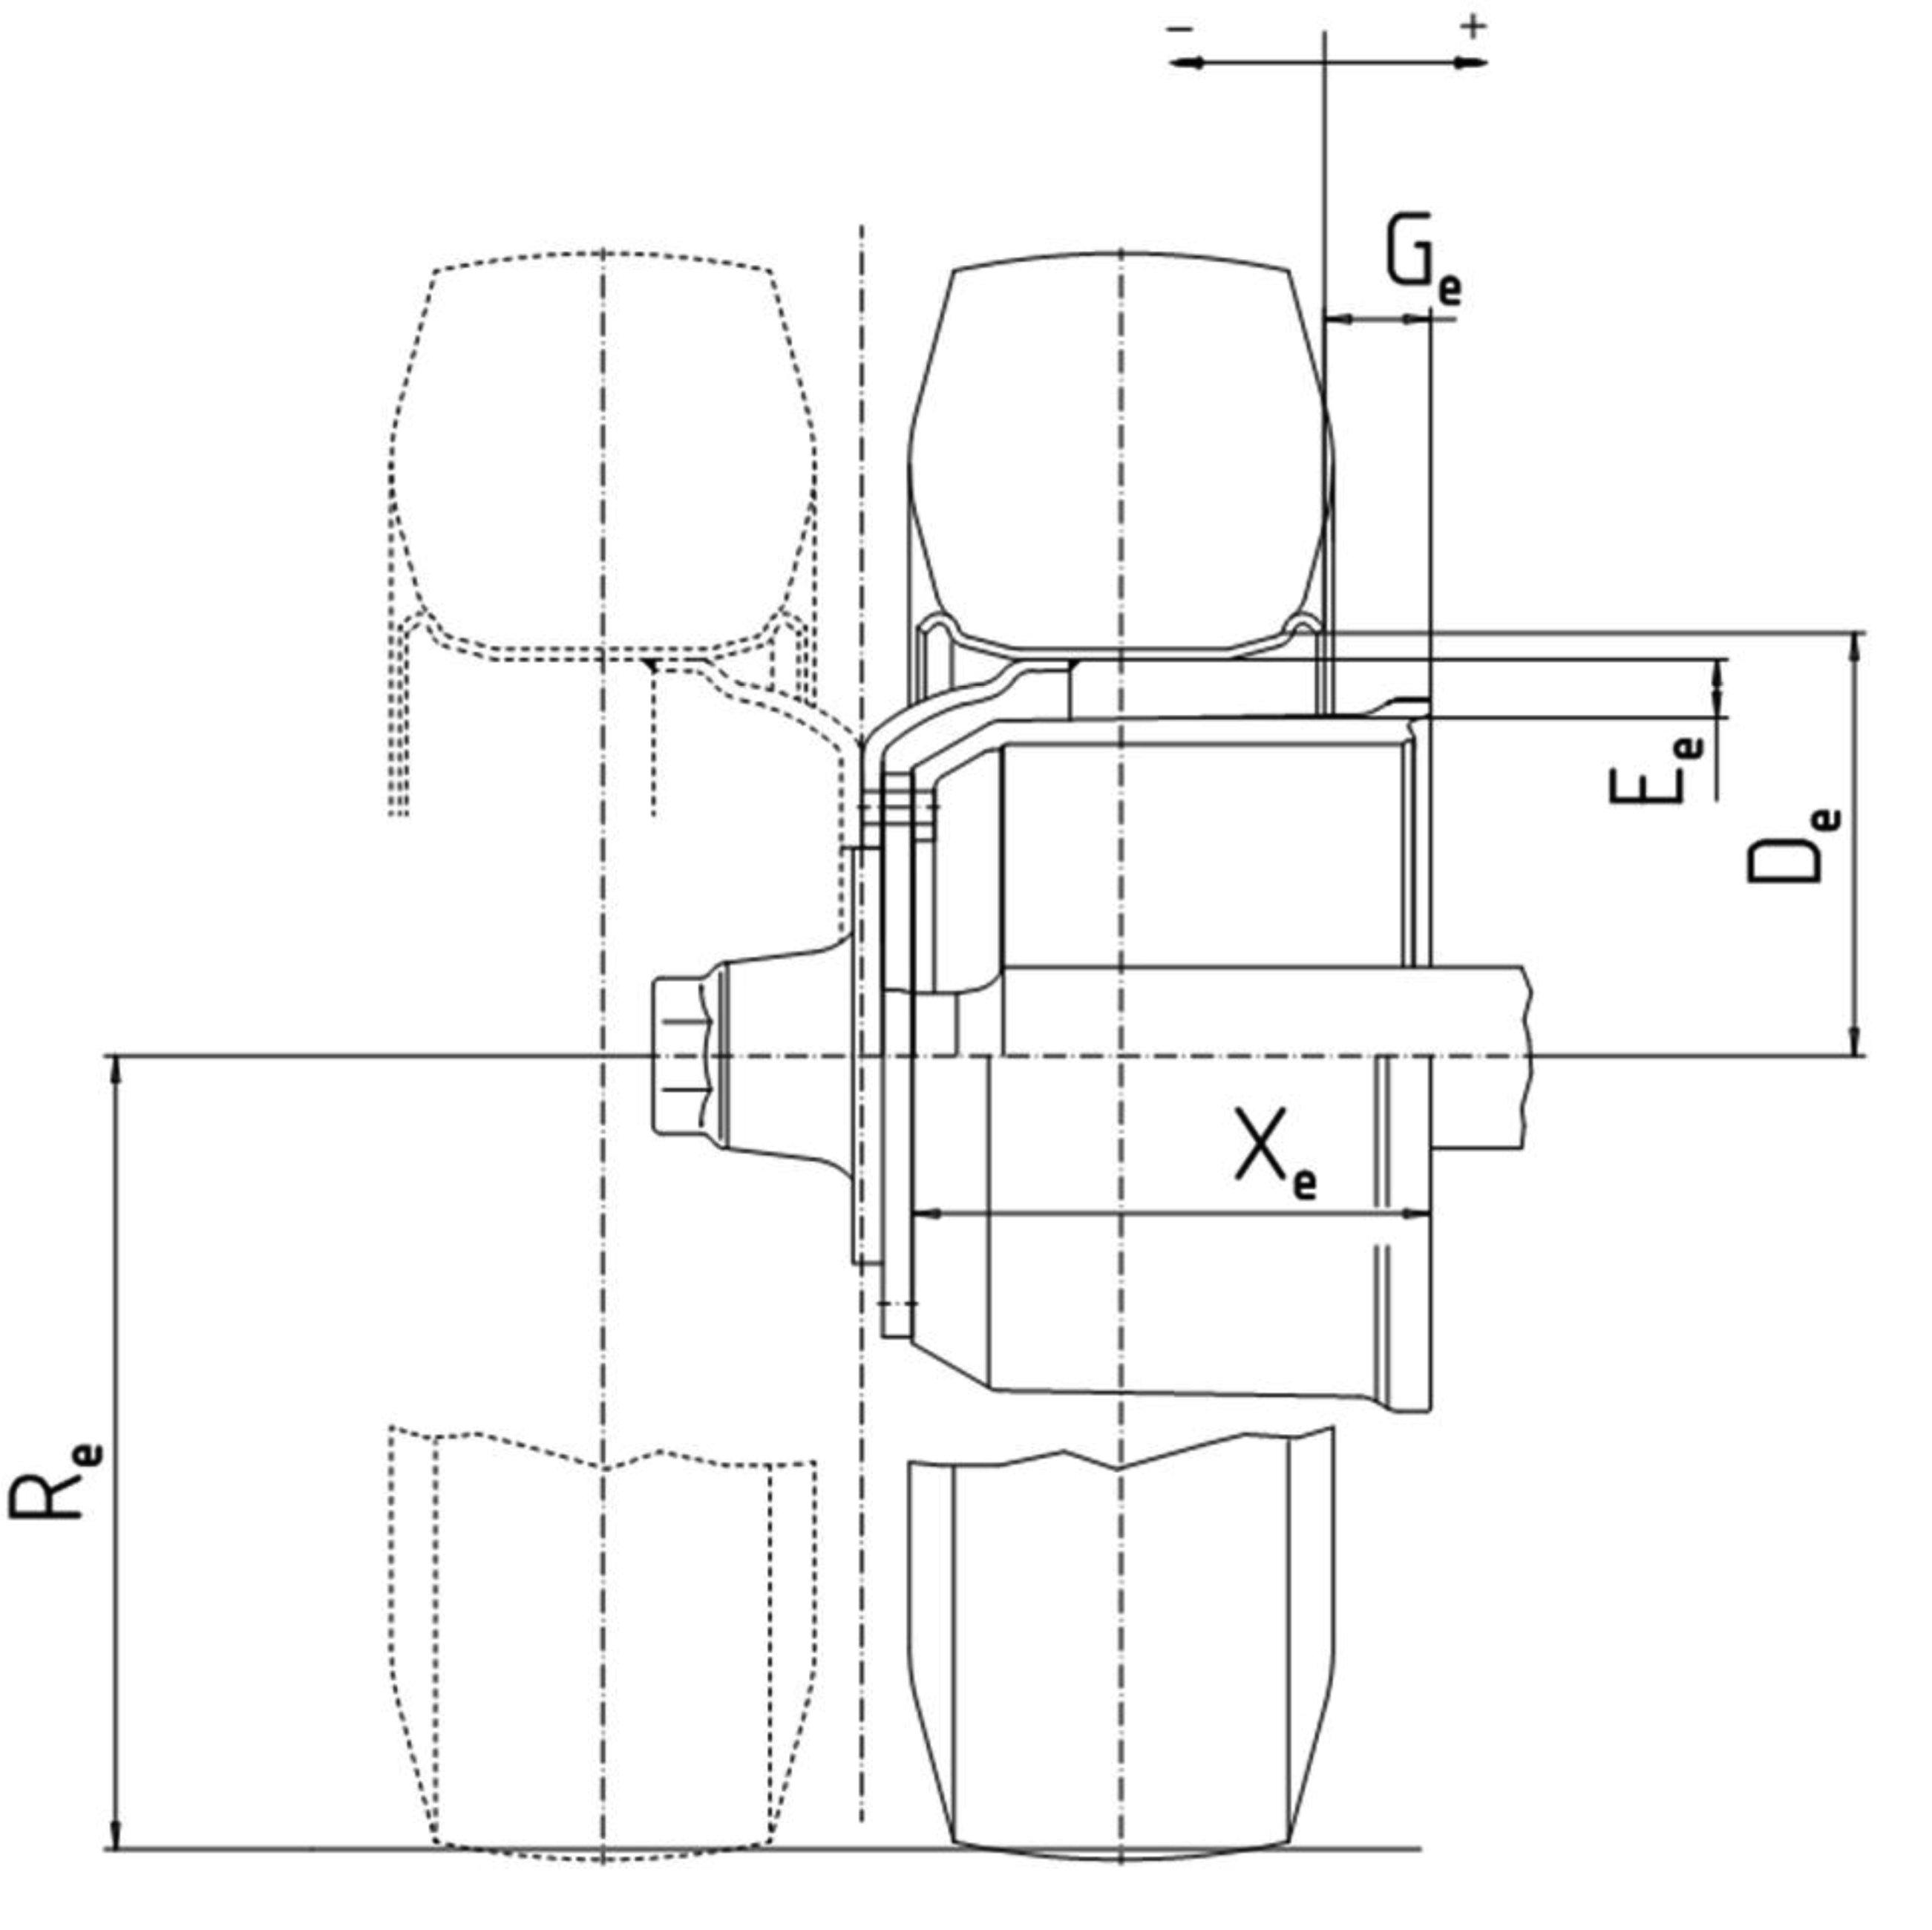 Eur Lex 02015r0504 20180215 En Case 540 Wiring Diagram Image